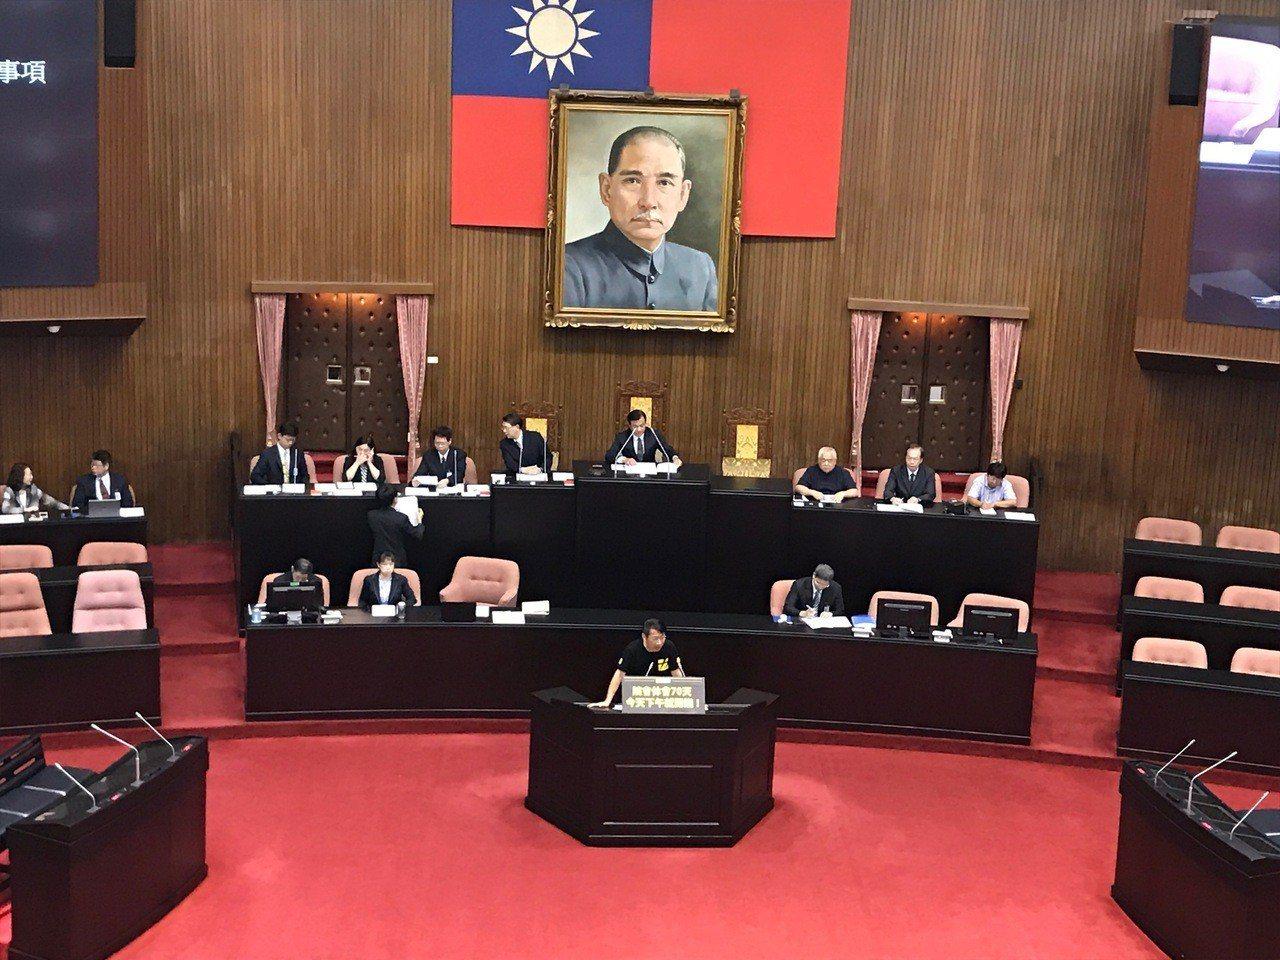 立法院今天上午召開全院談話會討論開議日相關事宜,時代力量黨團主張今天下午就開議,...